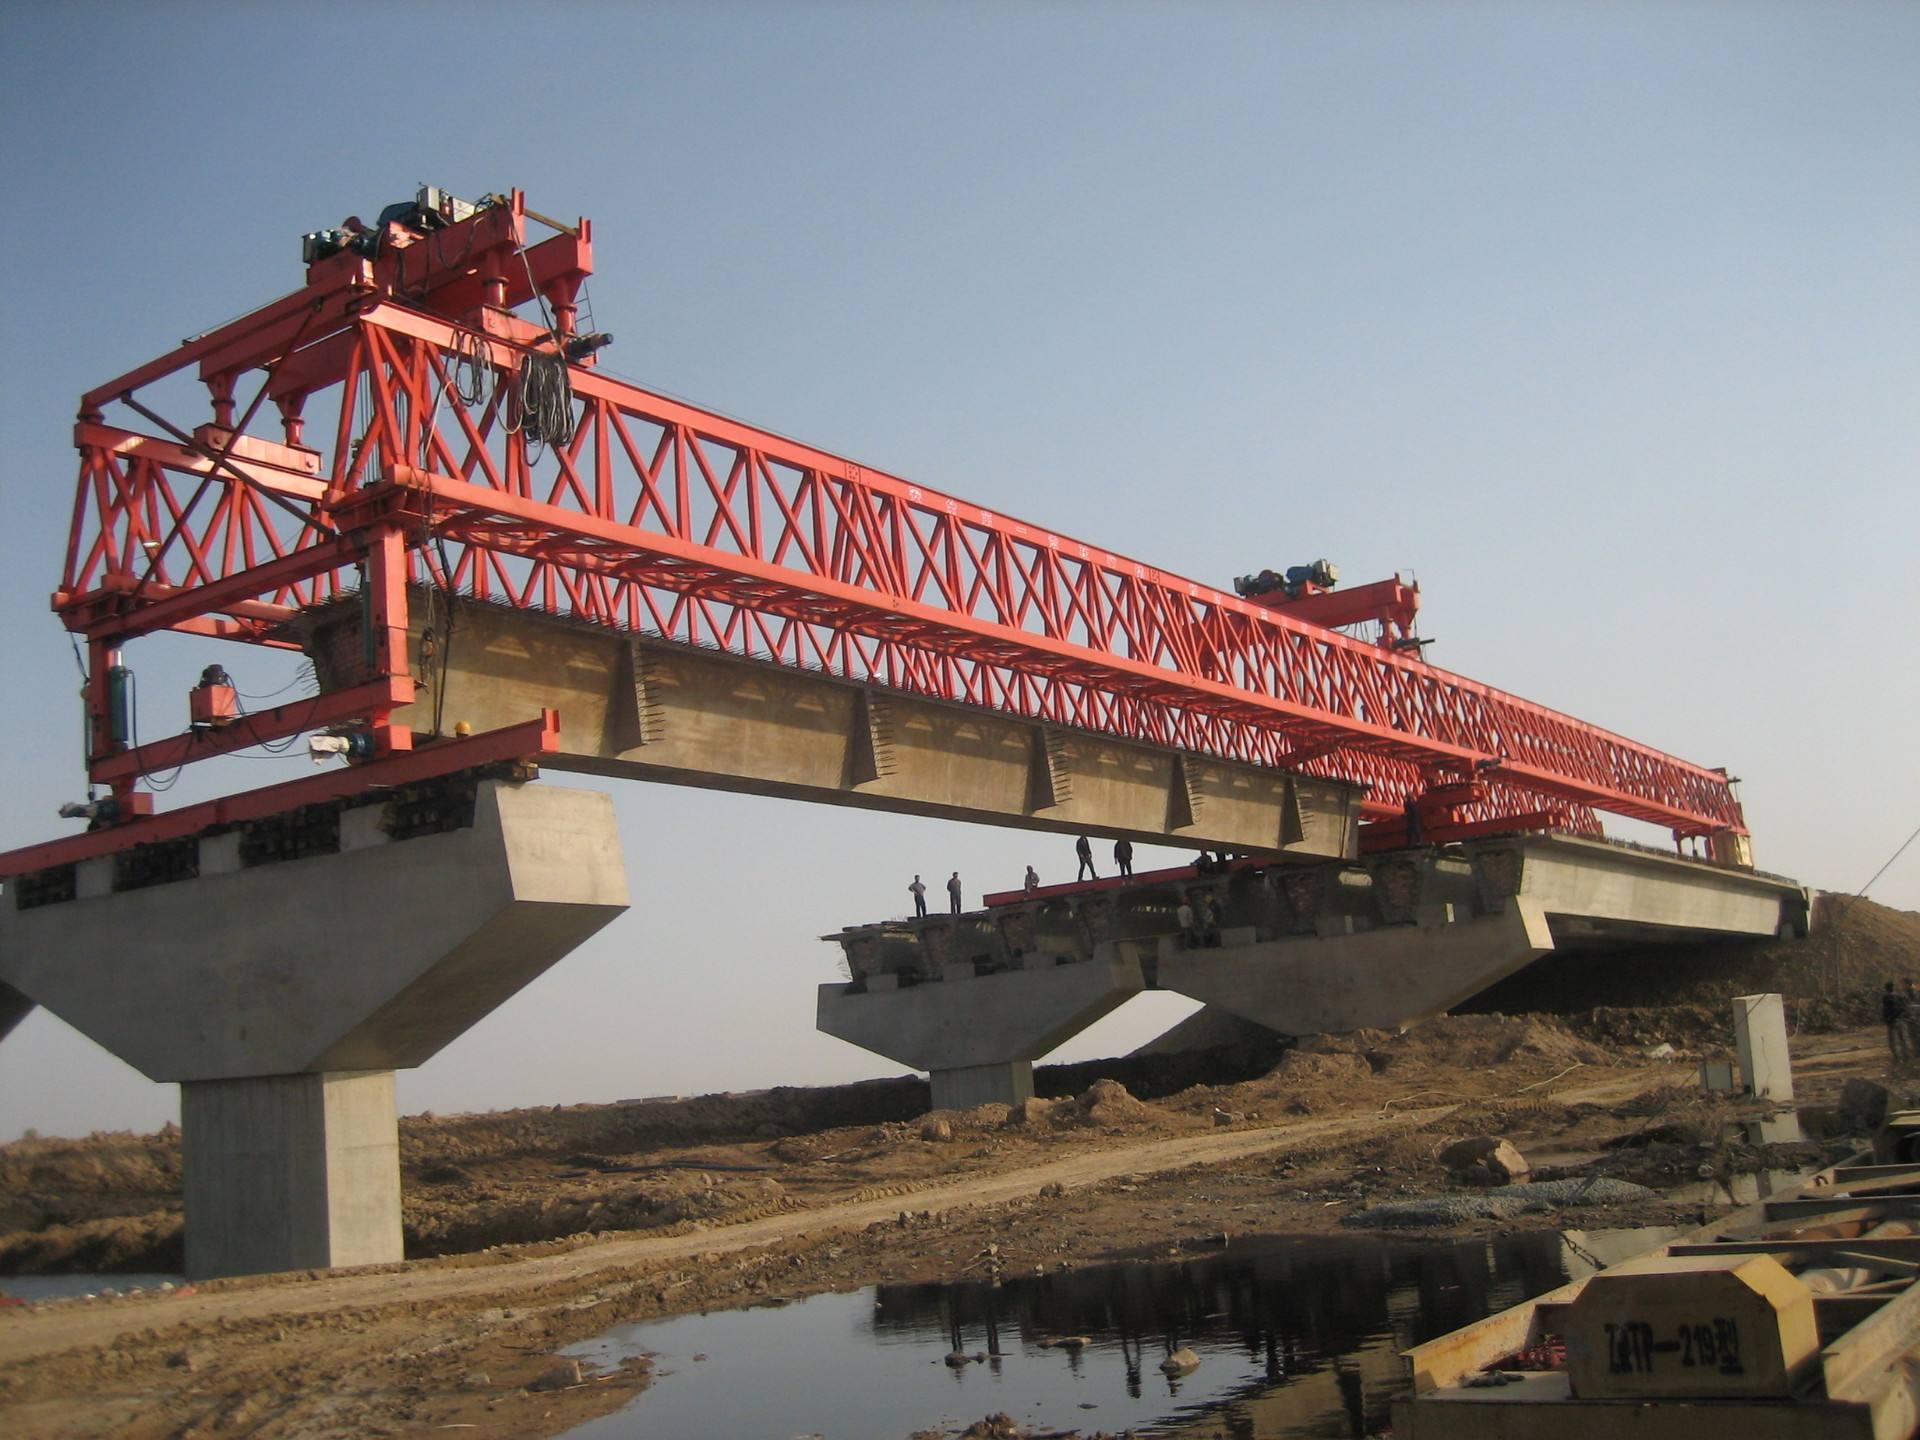 哈尔滨起重机哈尔滨龙门吊哈尔滨桥式起重机依兰提梁机